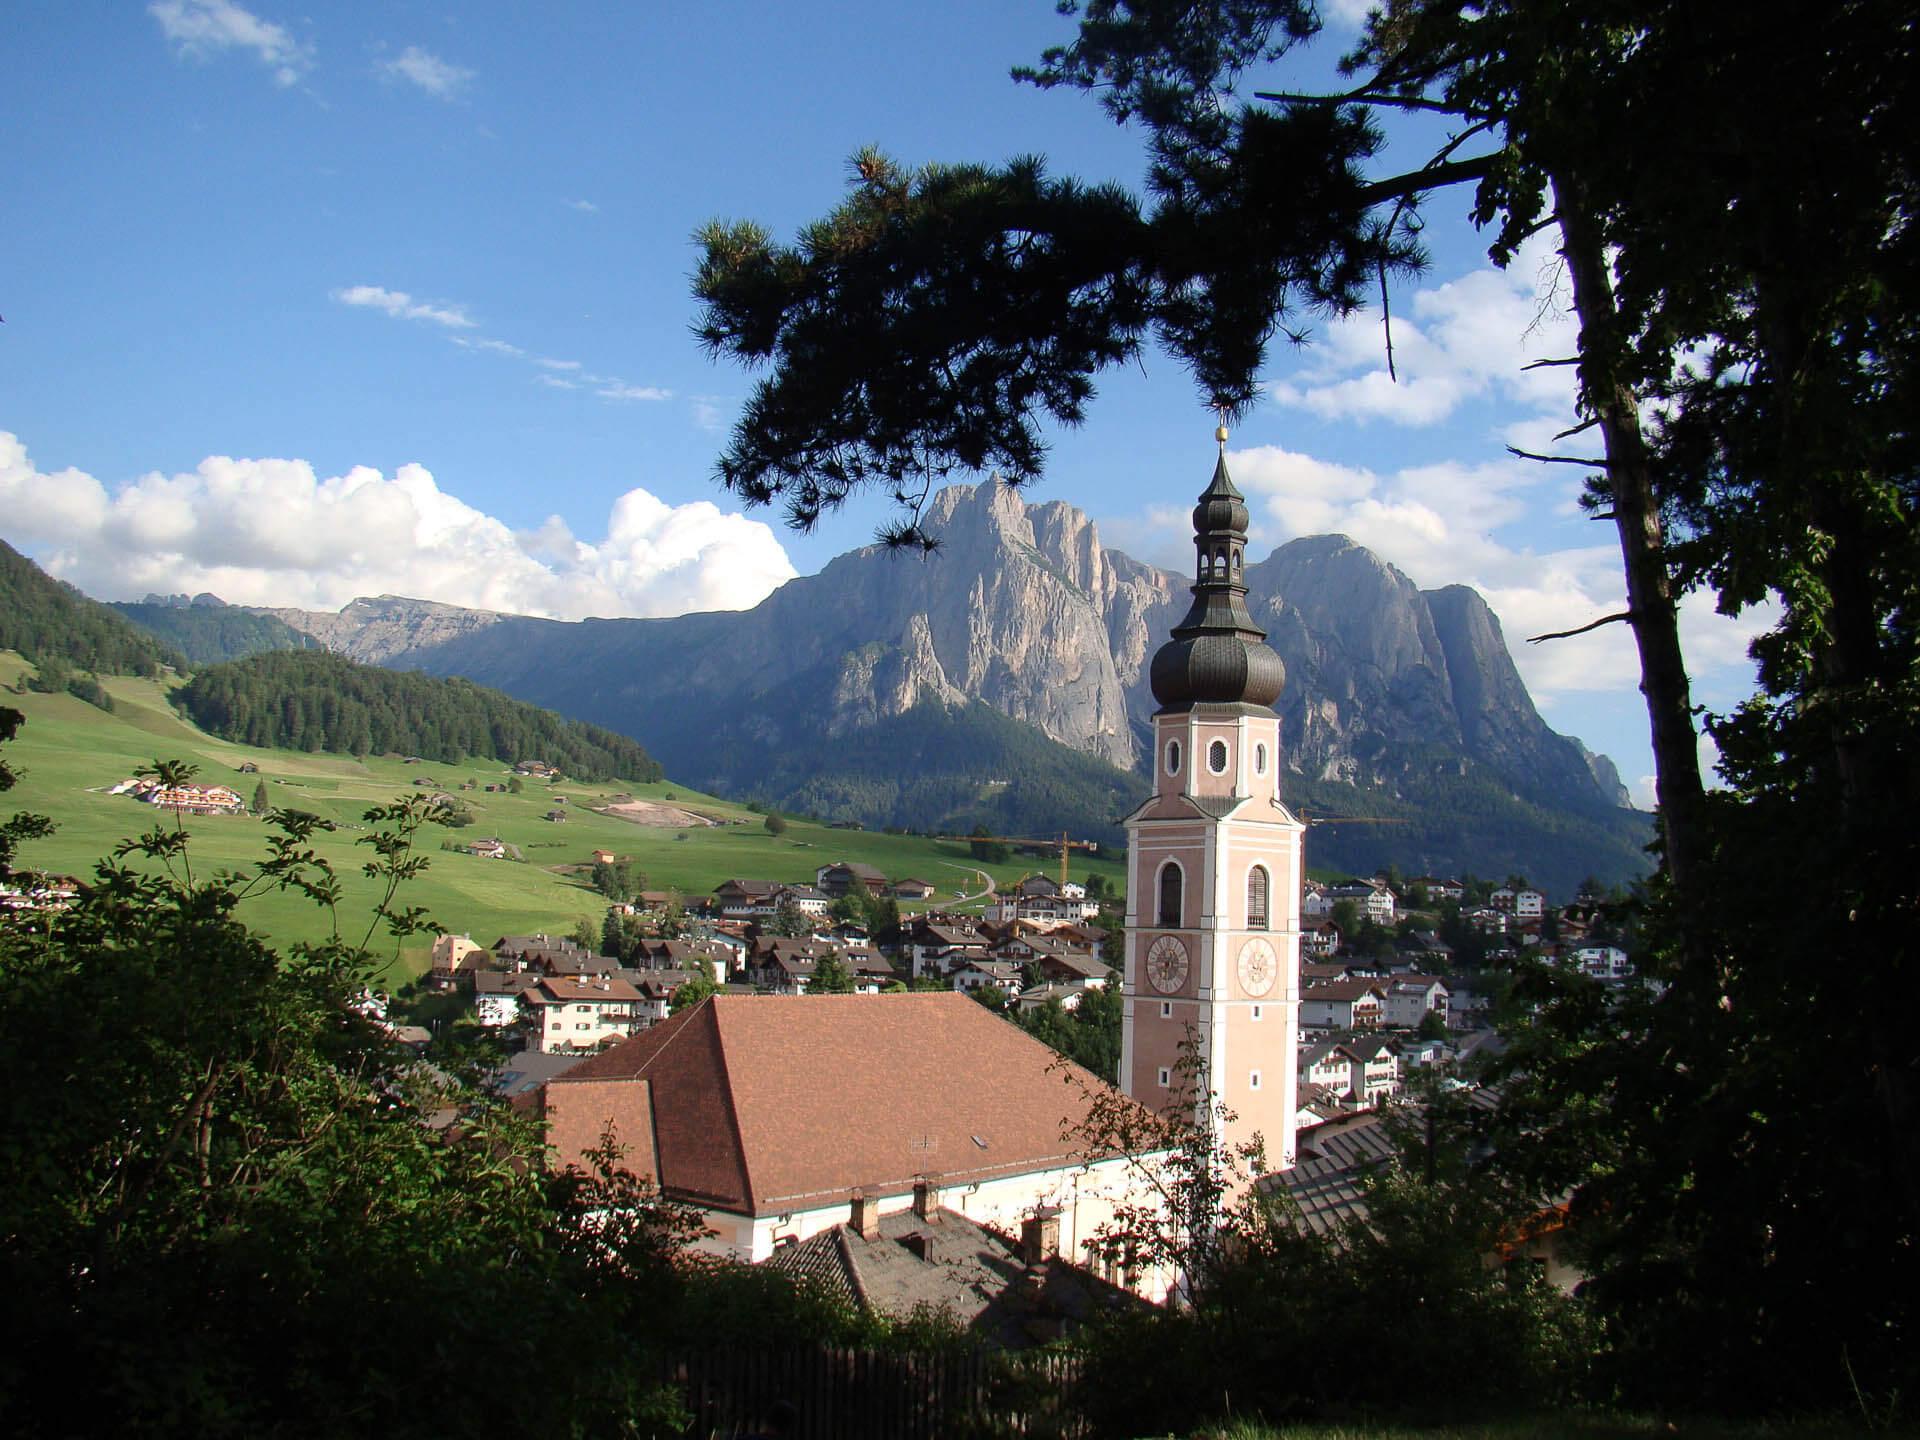 Vacanze a Castelrotto - Nel cuore delle splendide Dolomiti